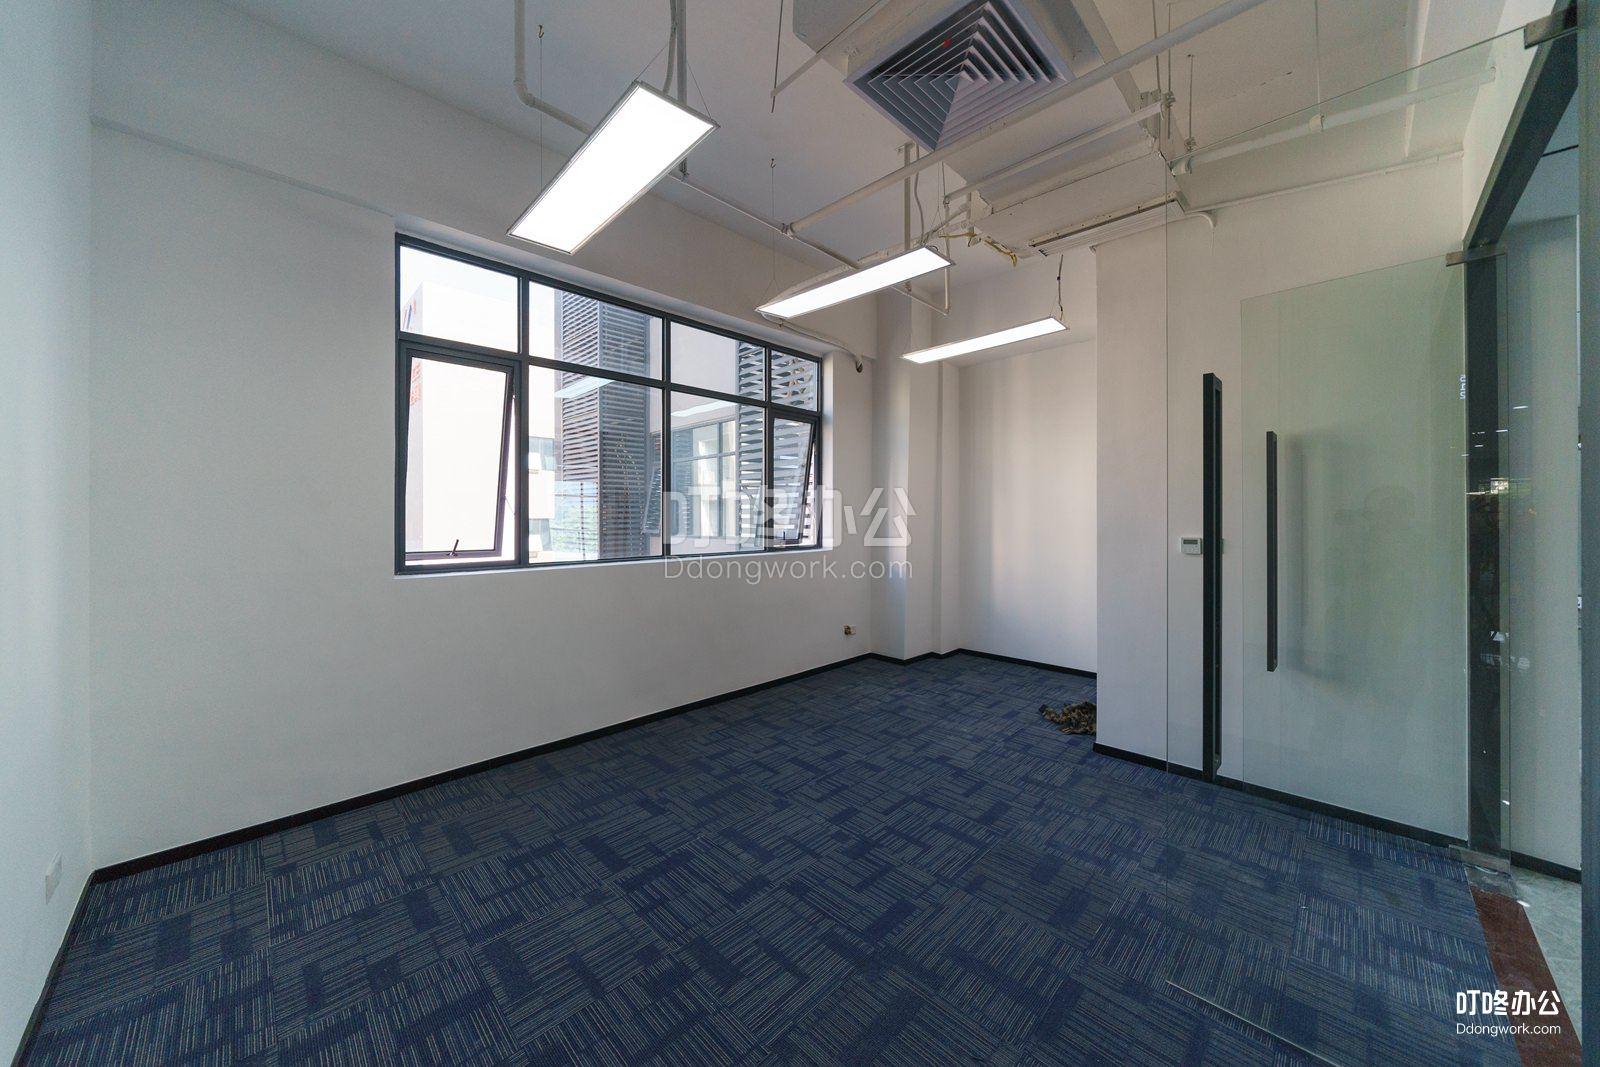 众创产业园独立空间